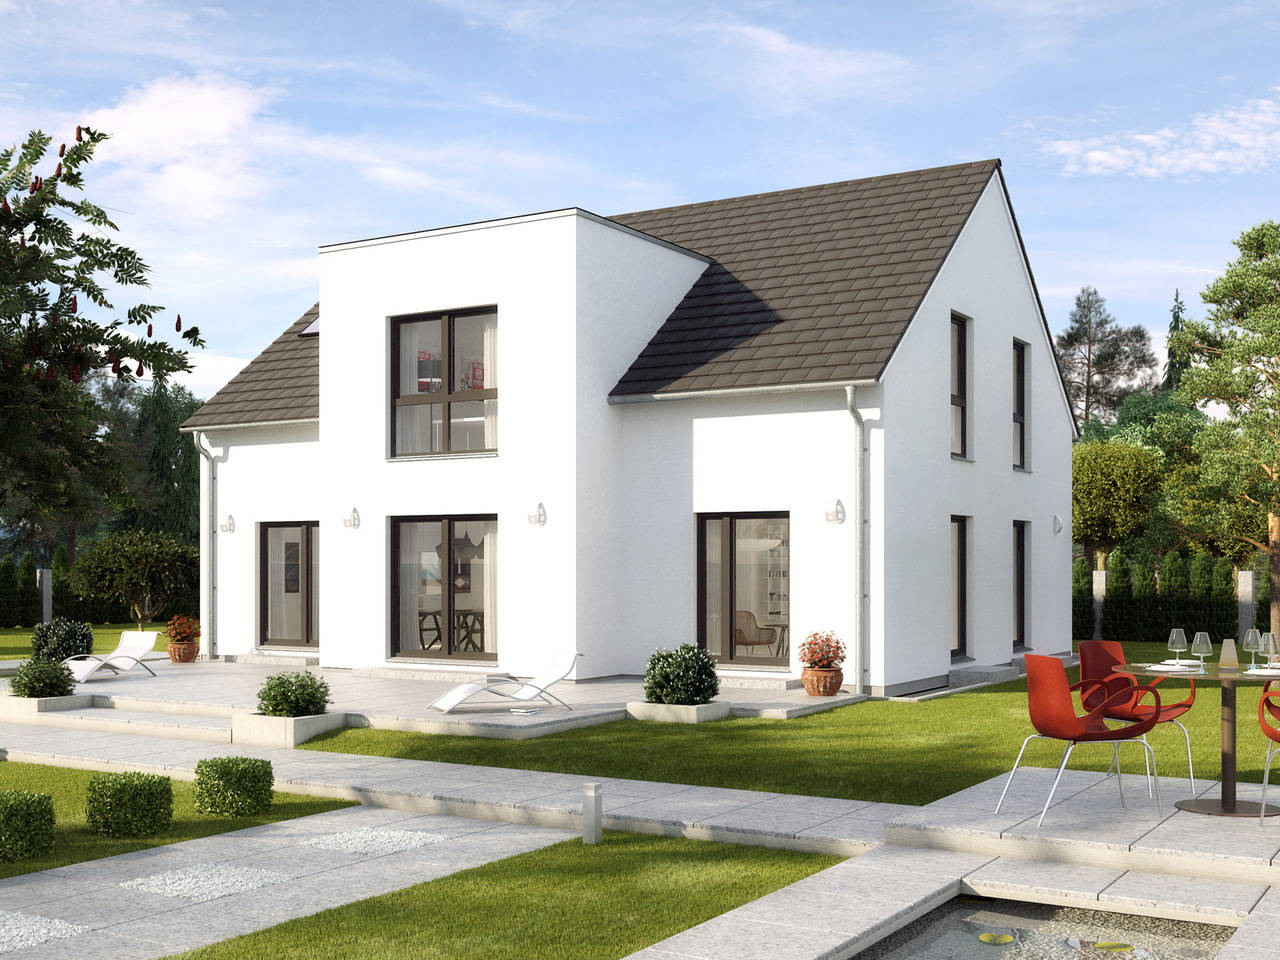 Einfamilienhaus Kiefernallee Variante 1 Außenansicht GUSSEK HAUS